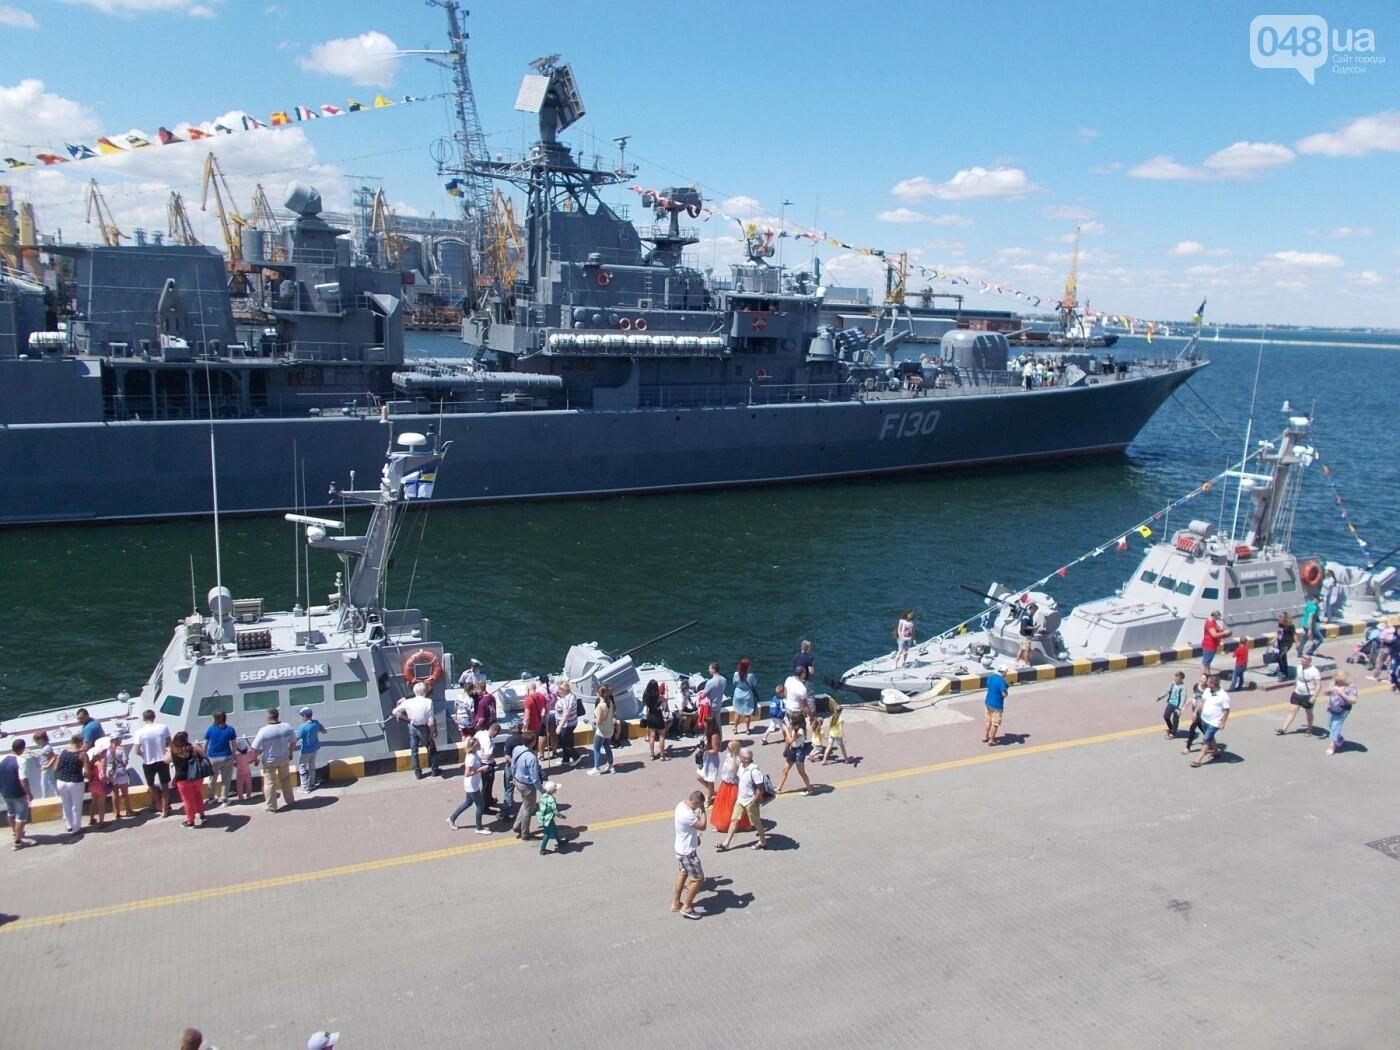 День Военно-морских сил Украины отпраздновали на Одесском морвокзале, - ФОТО , фото-7